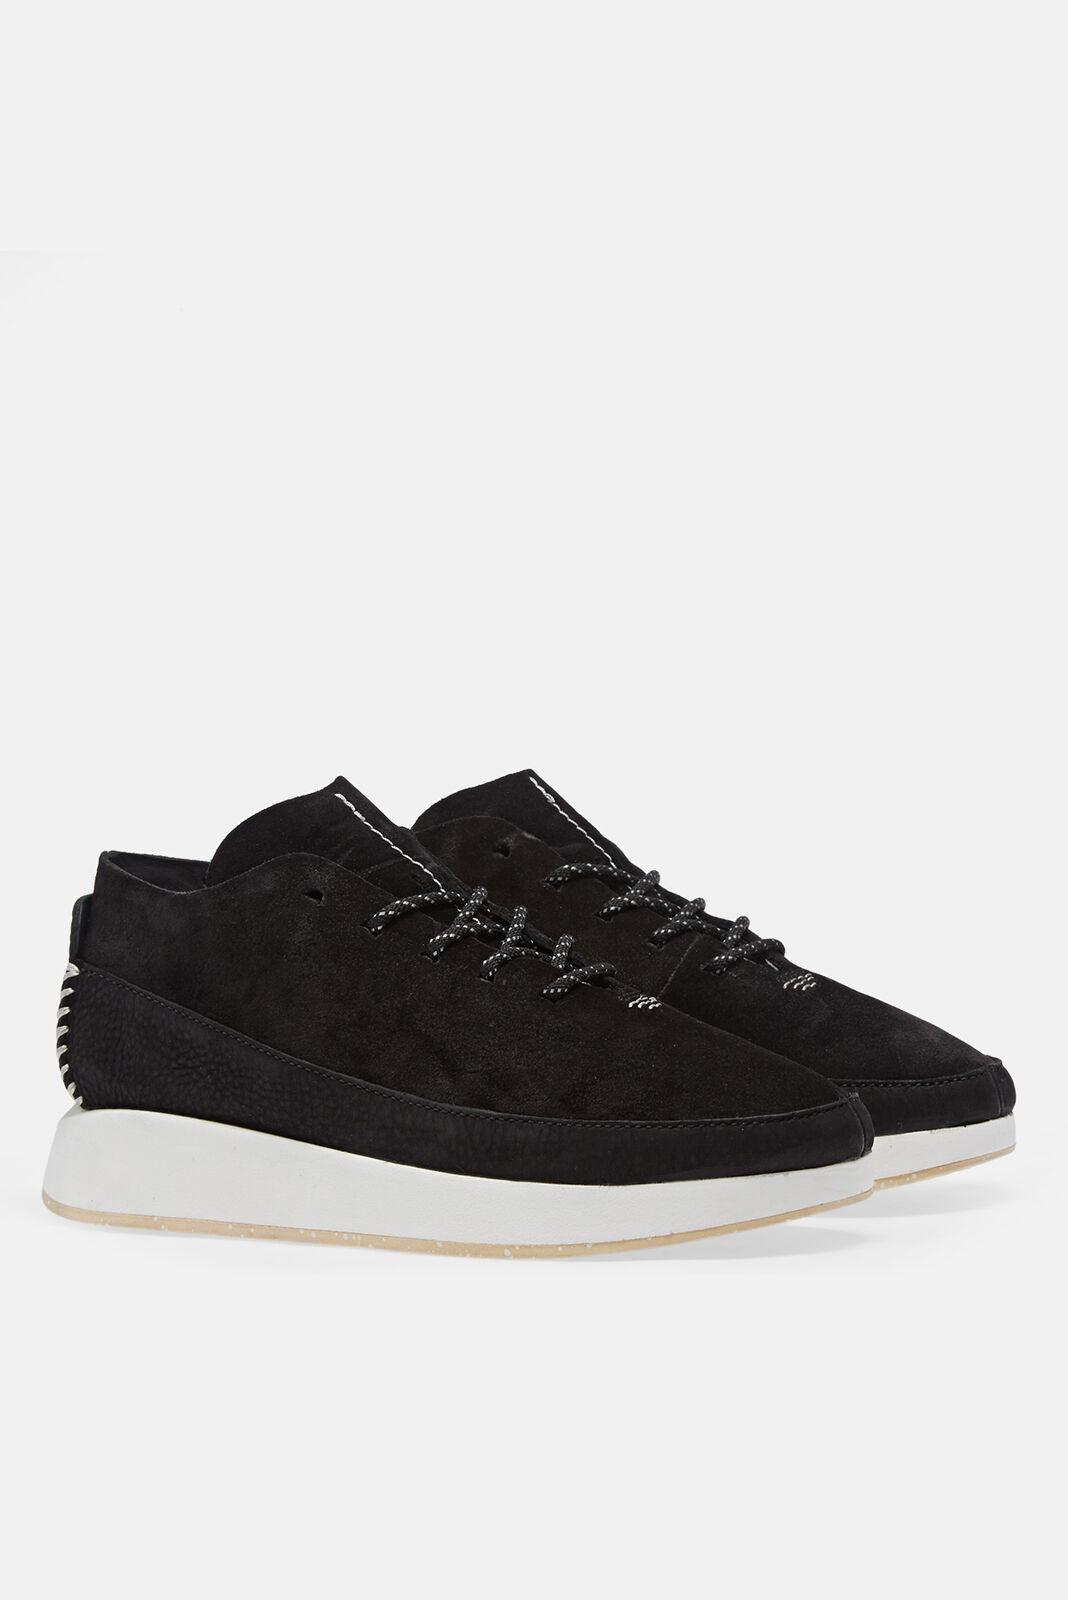 Clarks Originals Kiowa Deportivo Para Hombre Calzado Zapato-Negro Todas Las Tallas